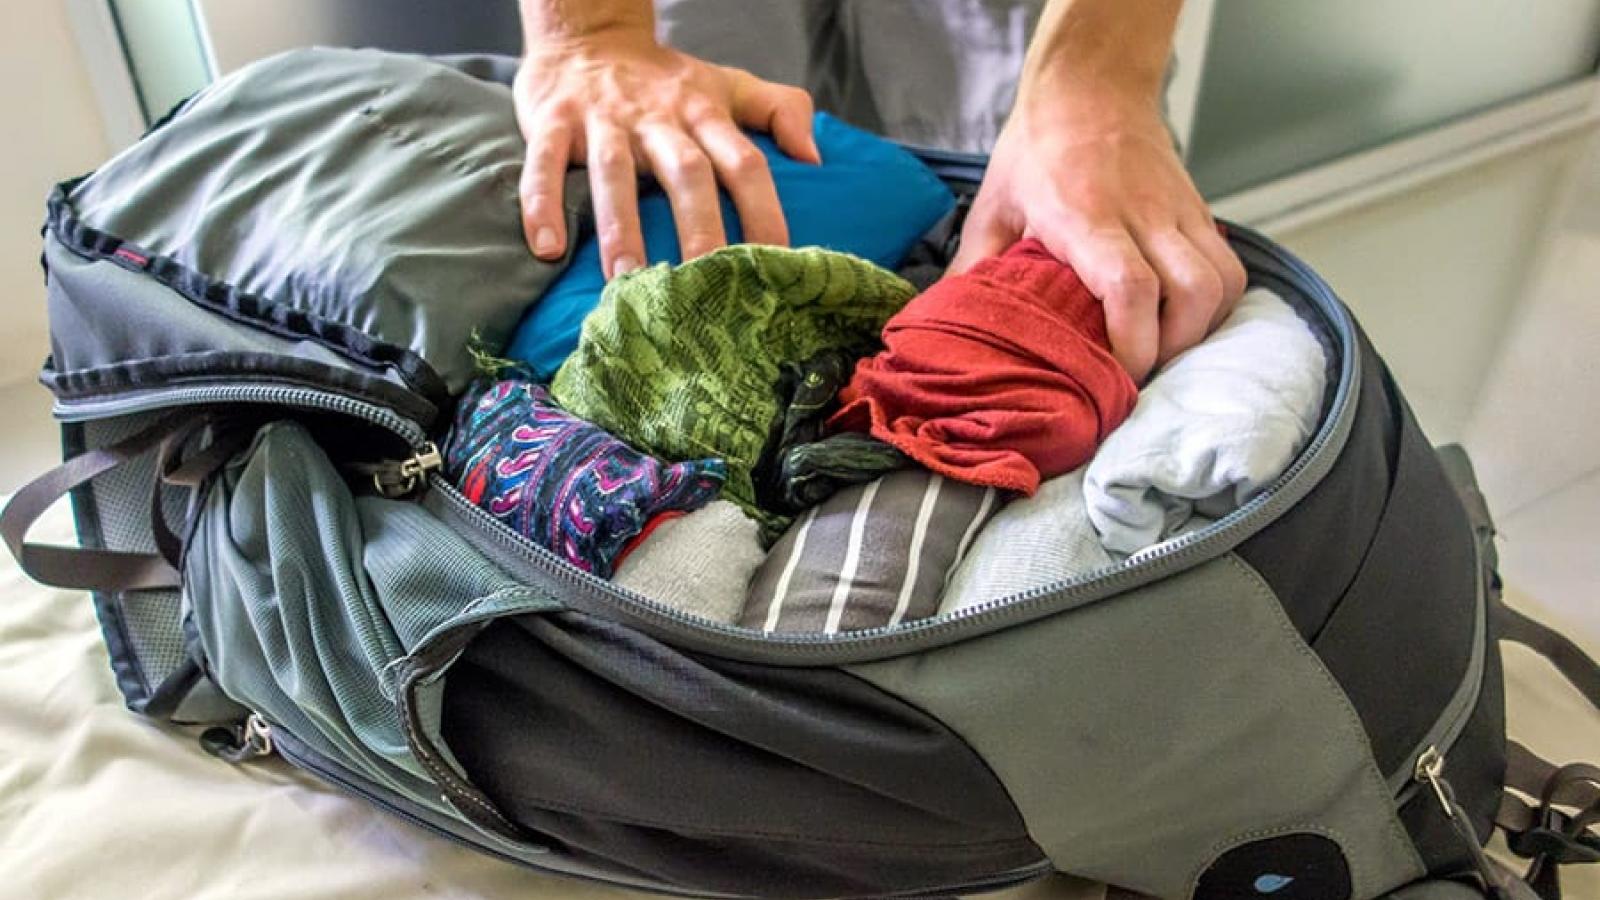 7 thứ bạn không muốn có trong hành lý xách tay của mình